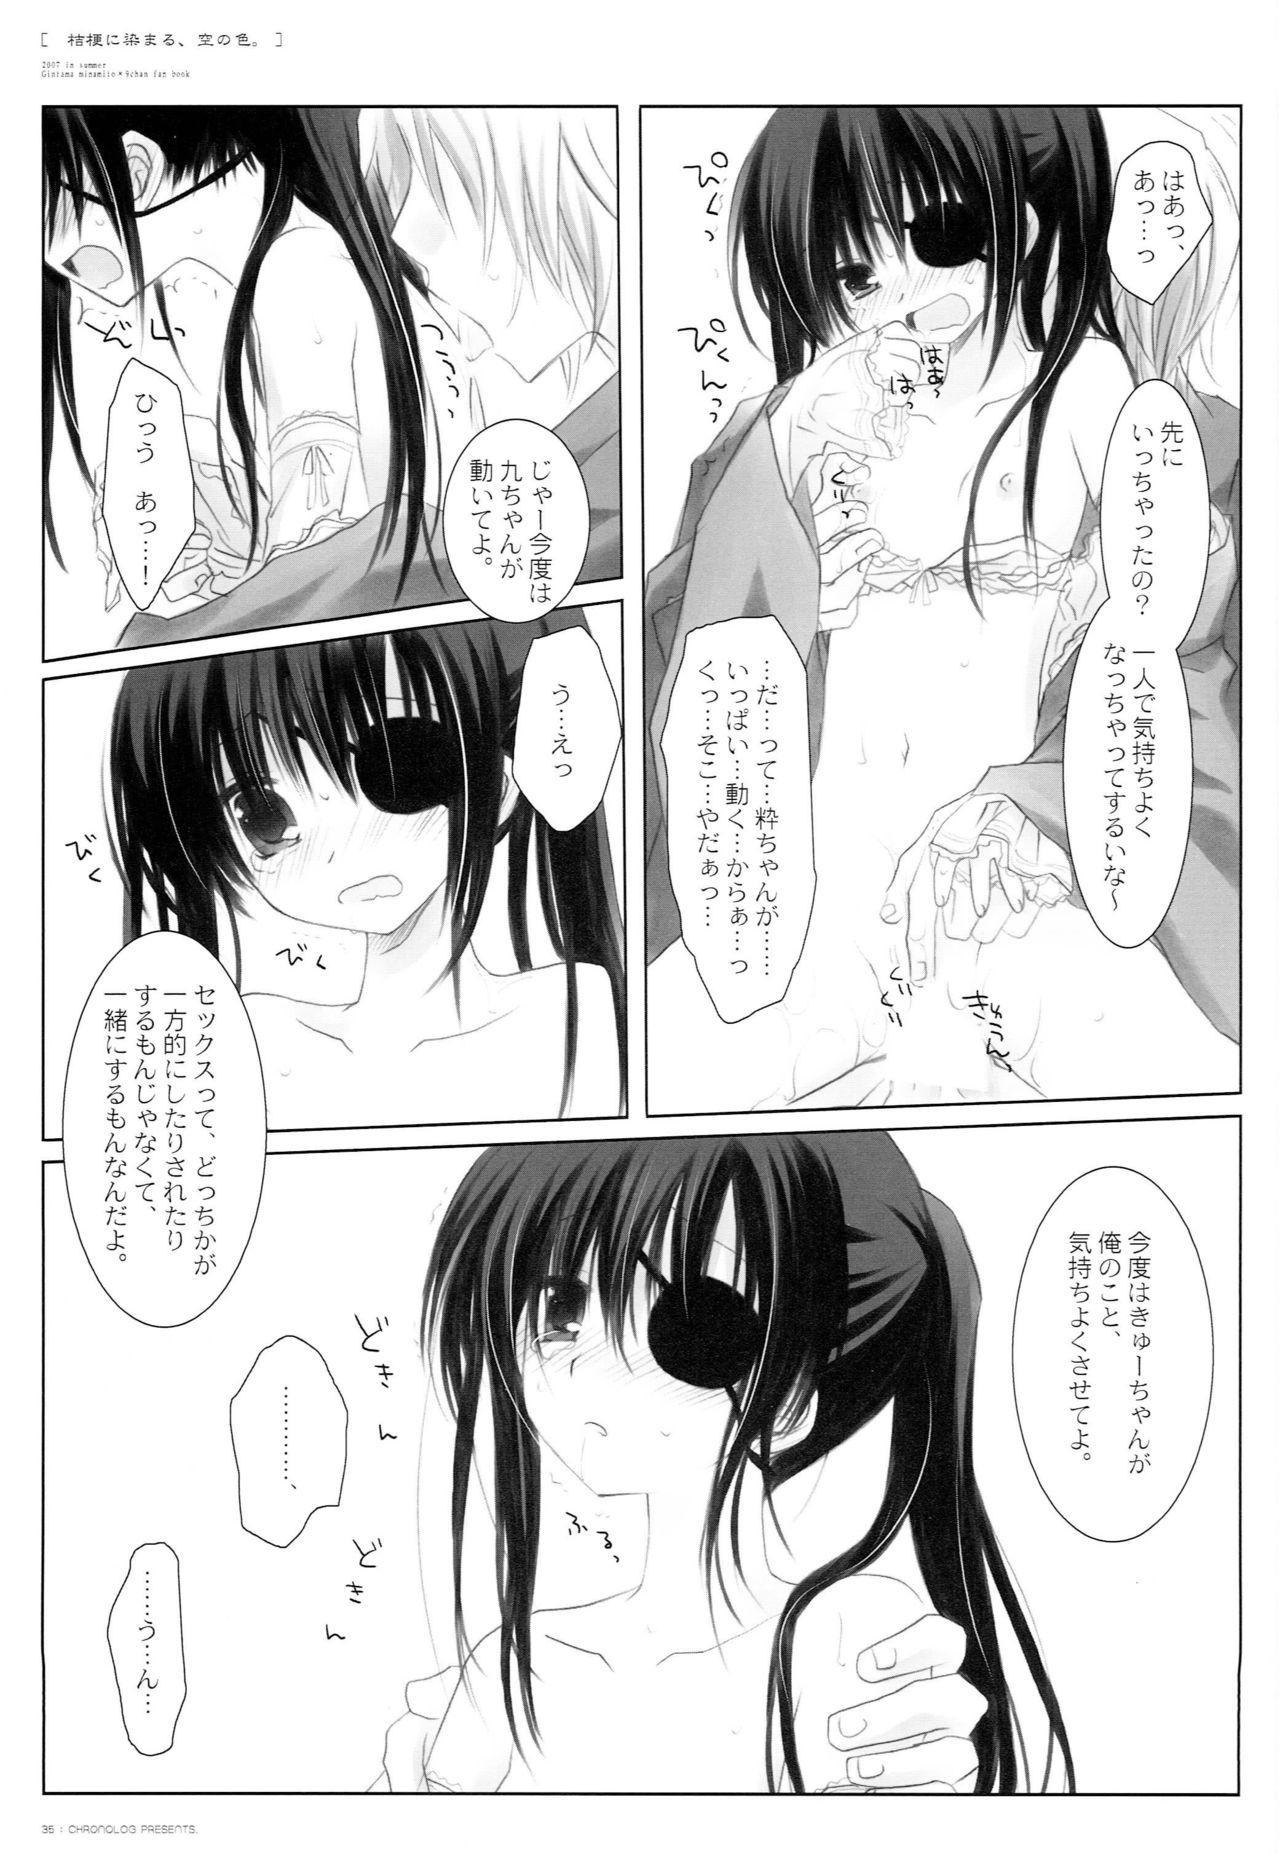 Kikyou ni Somaru Sora no Iro 33